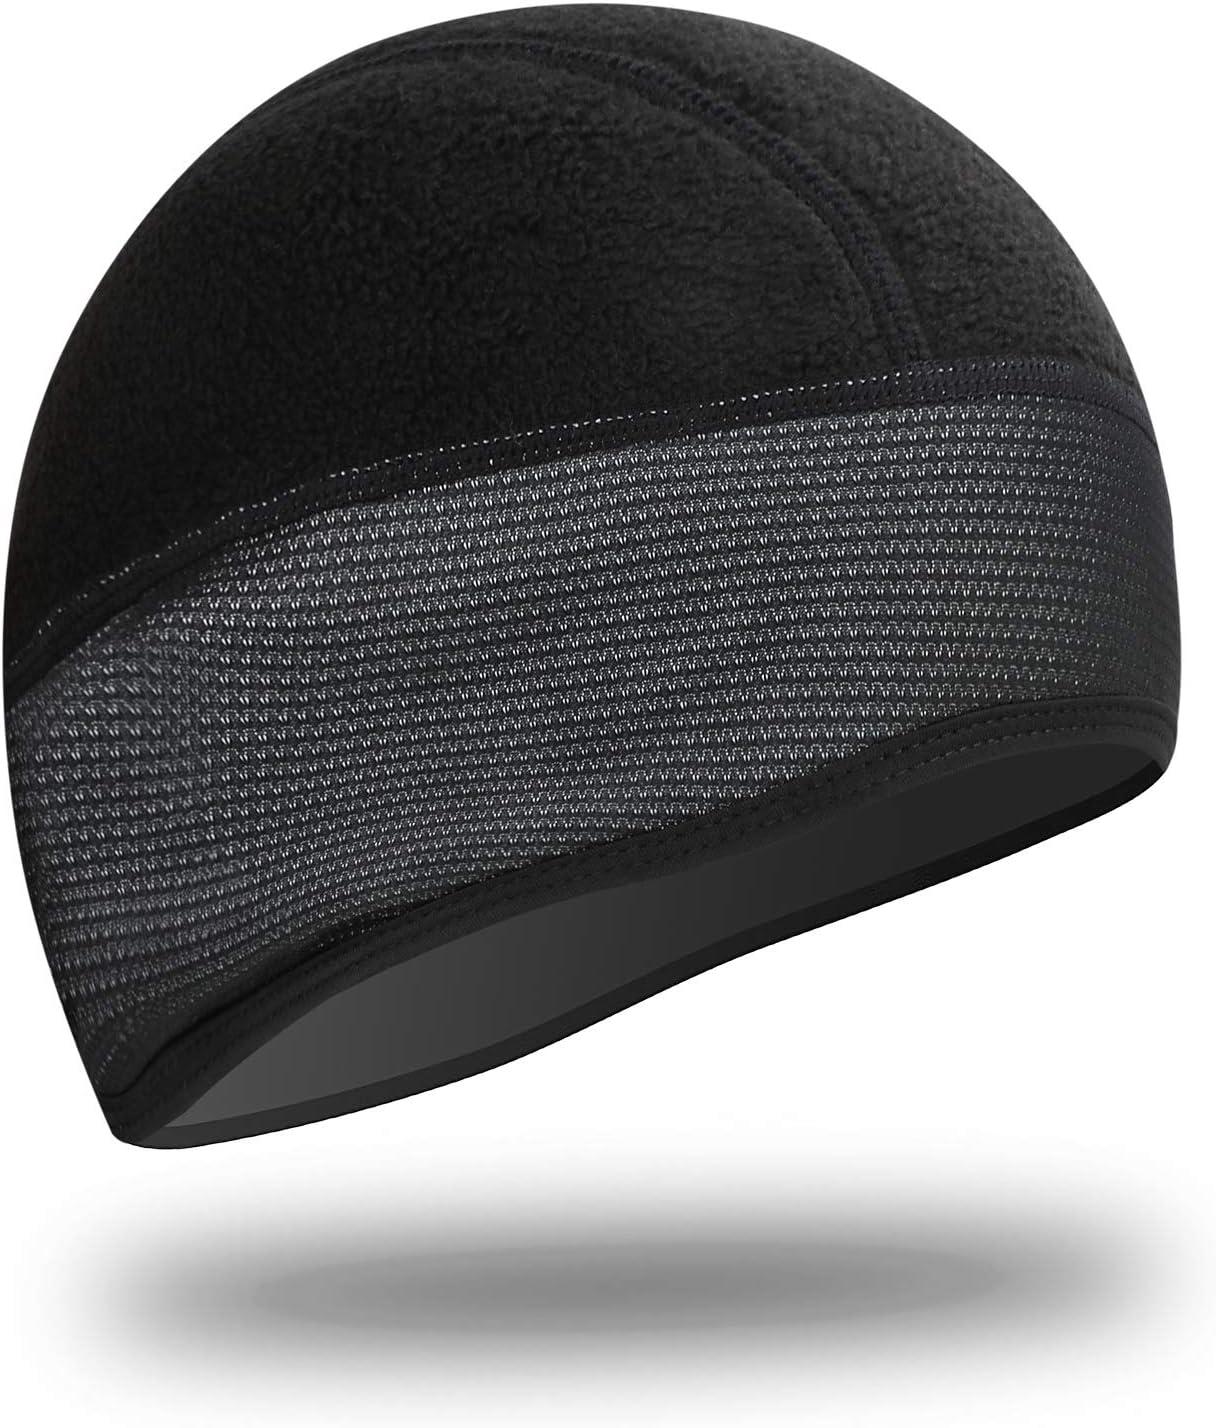 Z Sports Casque de v/élo en forme de cr/âne de cr/âne pour lhiver thermique Coupe-vent Taille unique